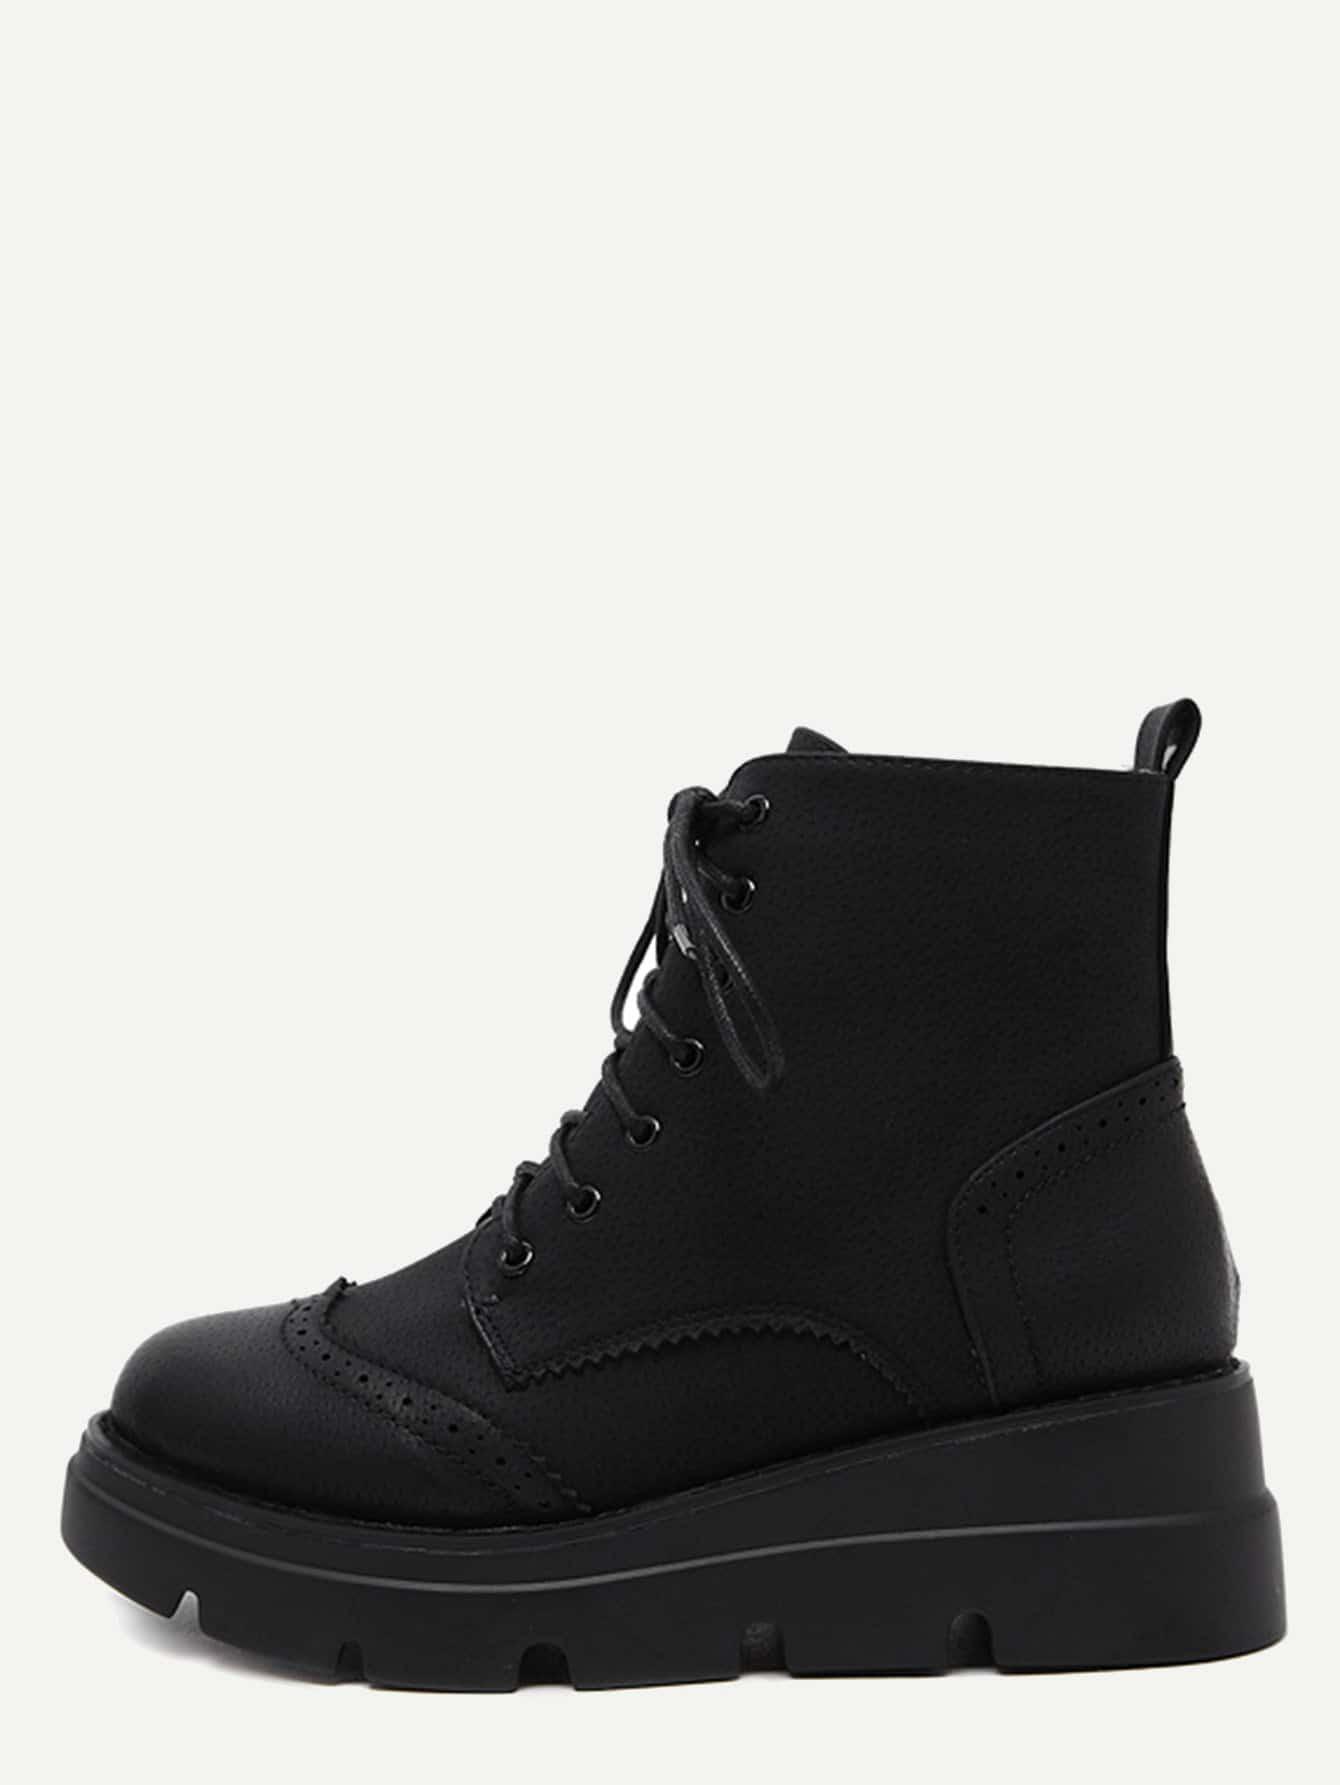 shoes161014813_2